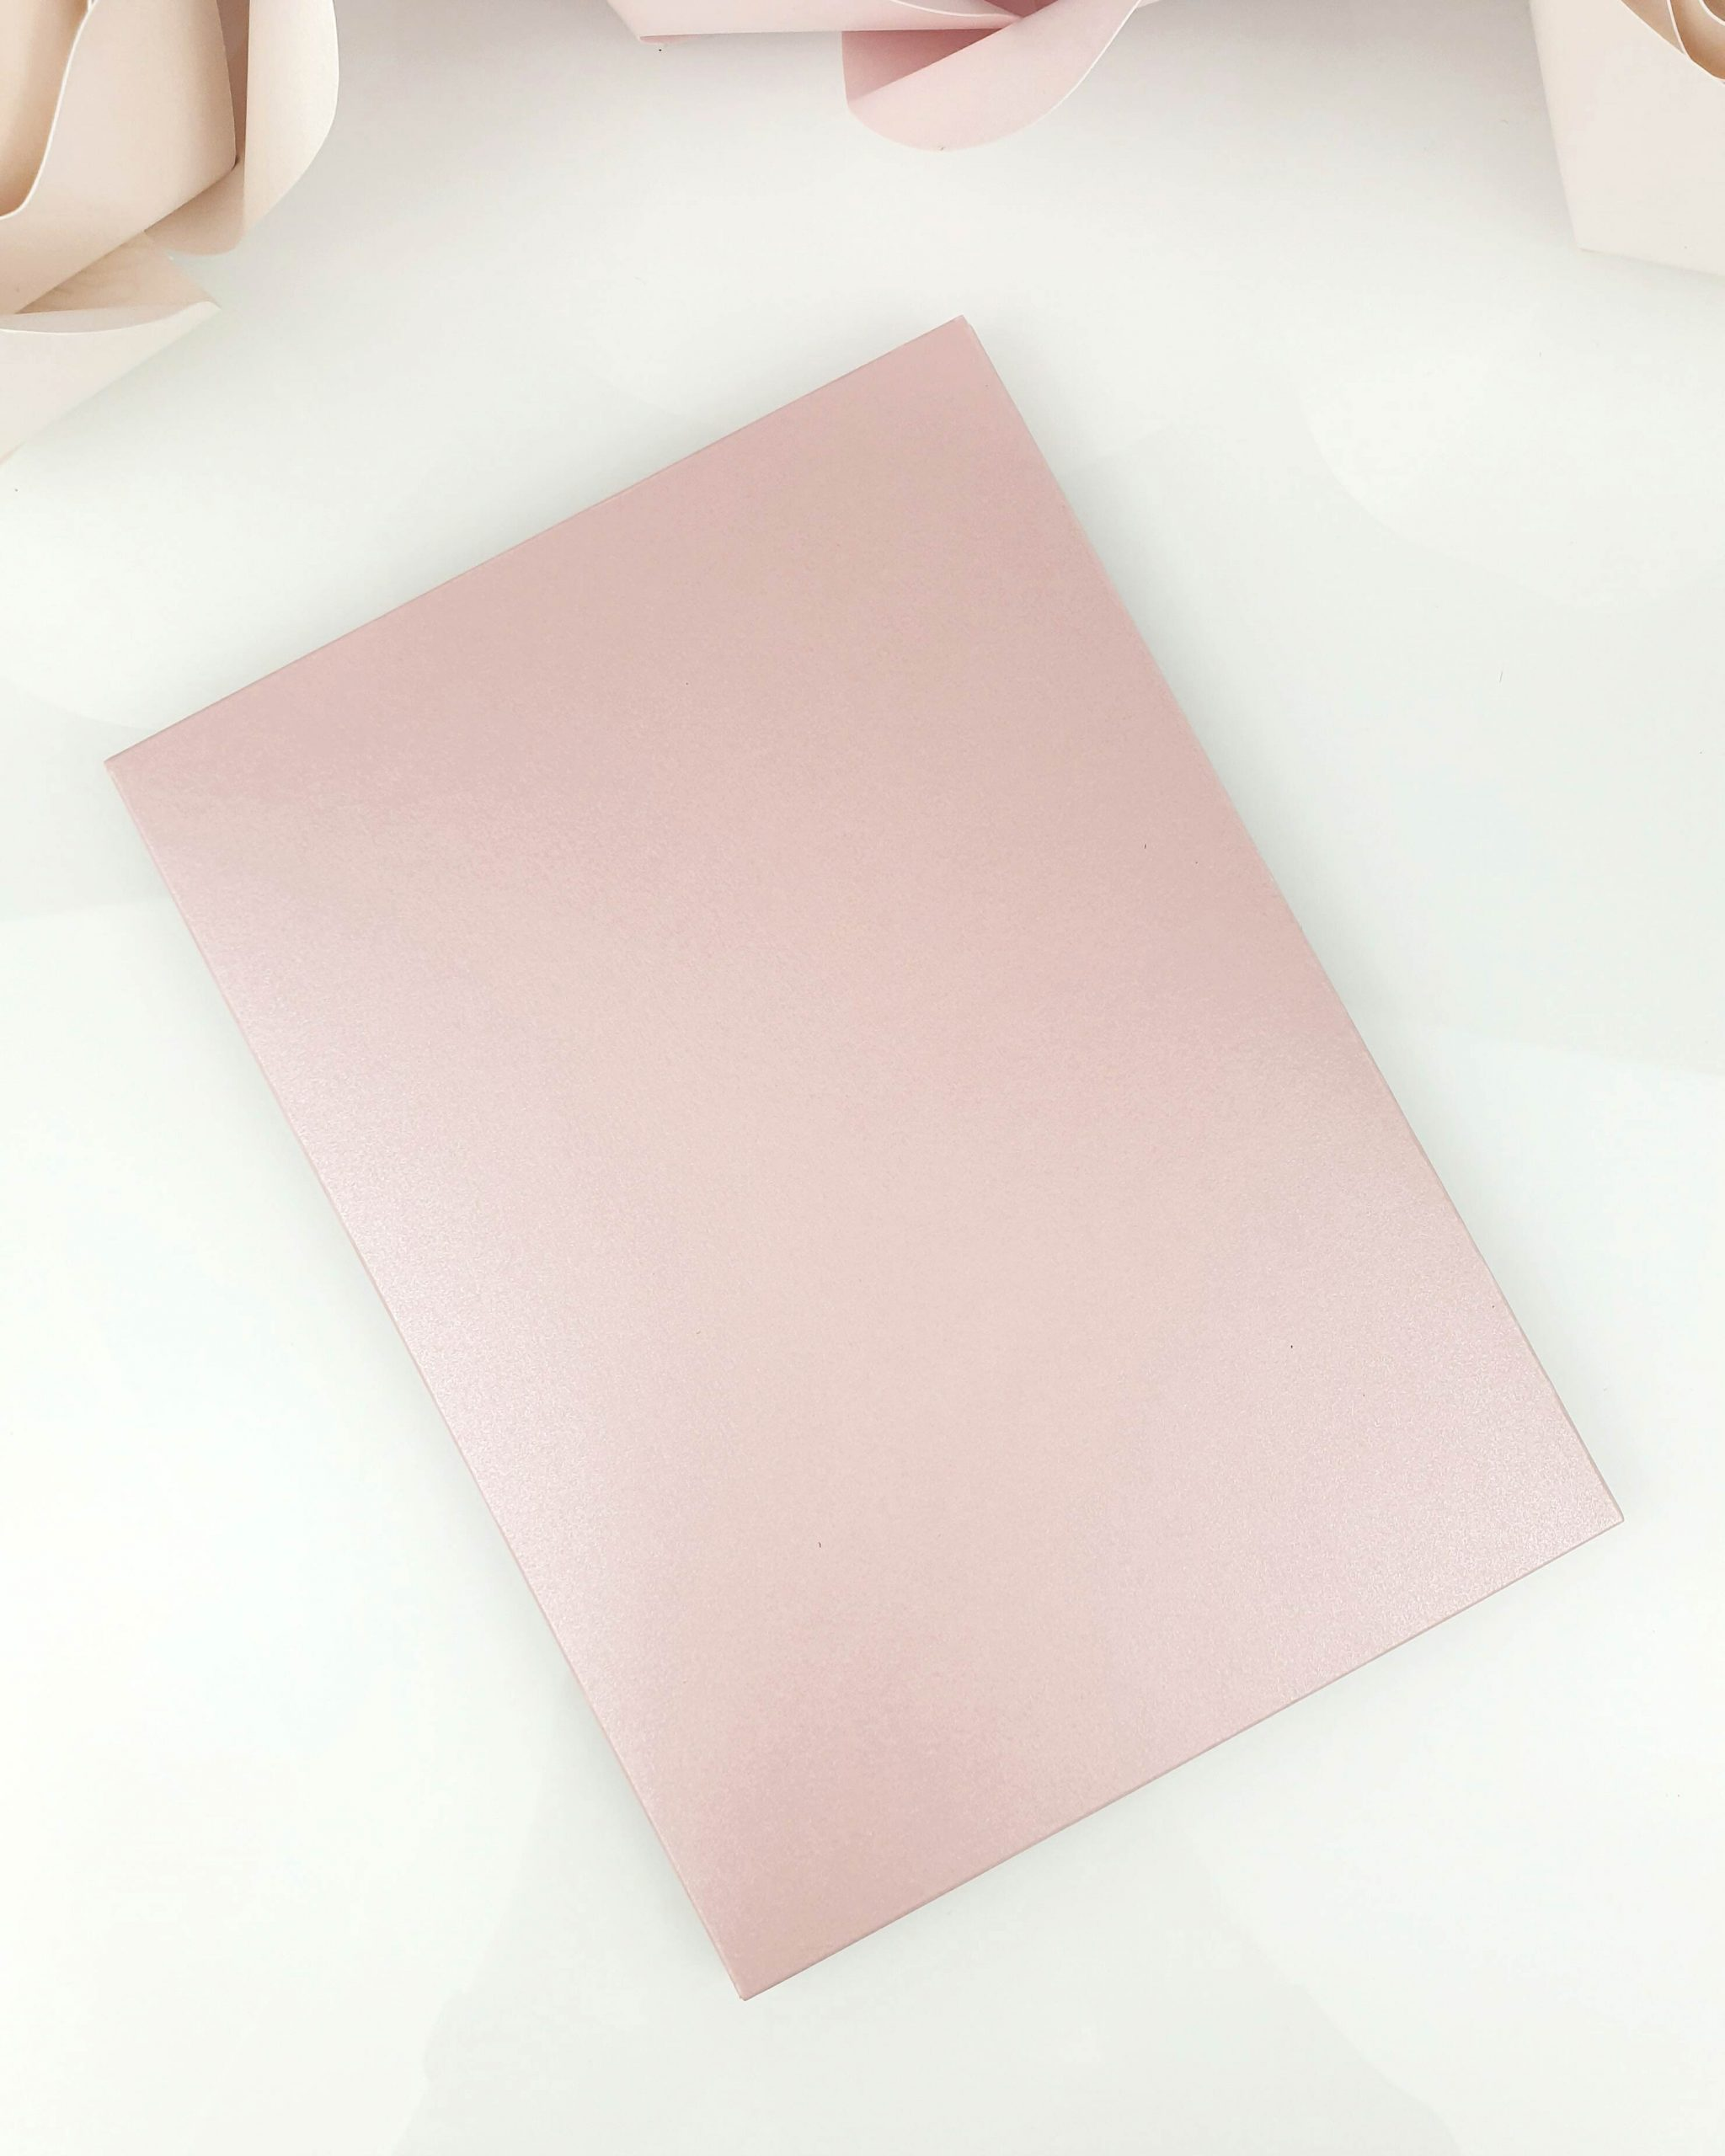 Etui shiny pink A5 dodatki